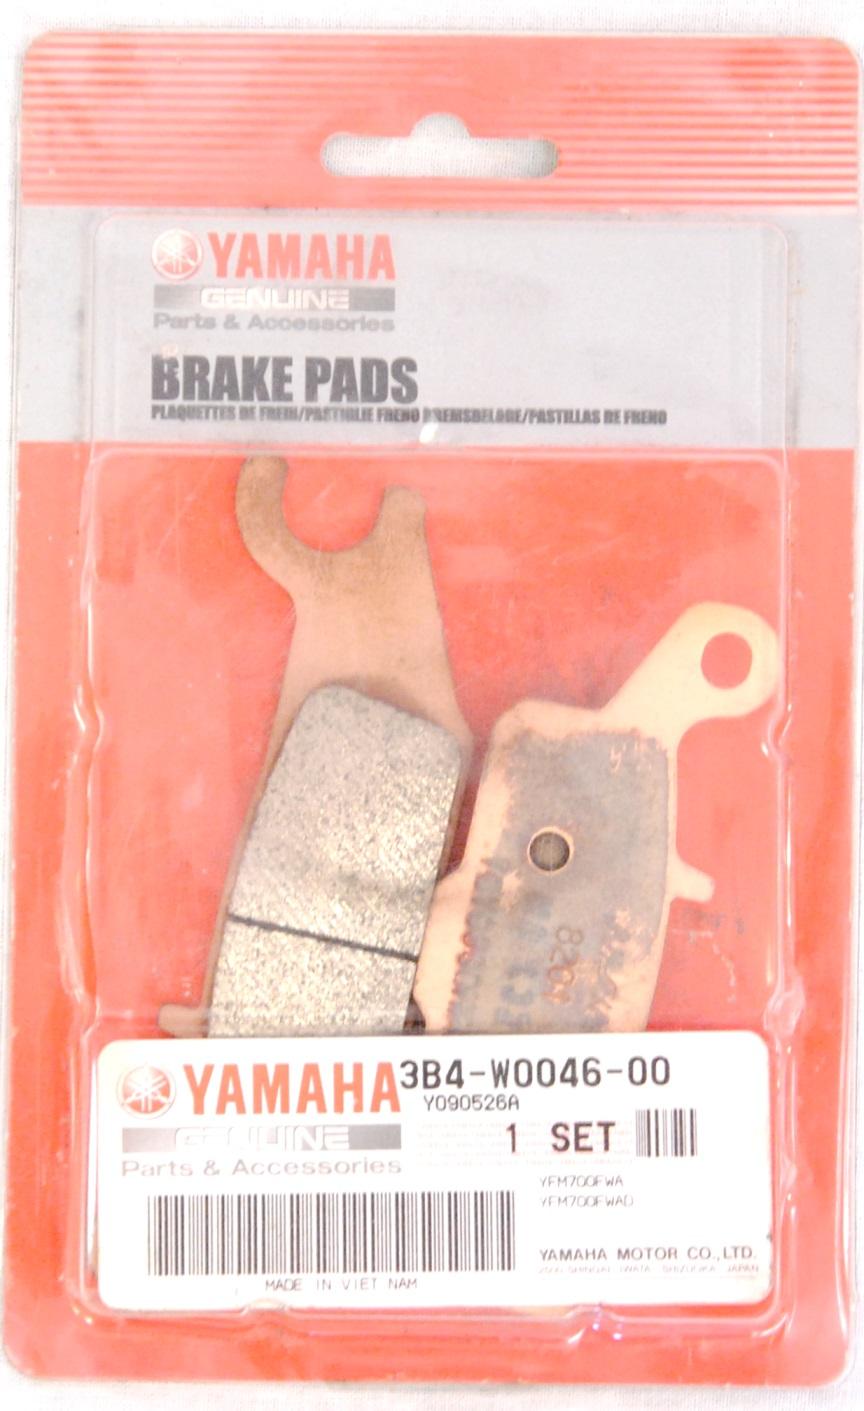 Тормозные колодки задние правые для квадроциклов Yamaha Grizzly 550/700 3B4-W0046-10-00